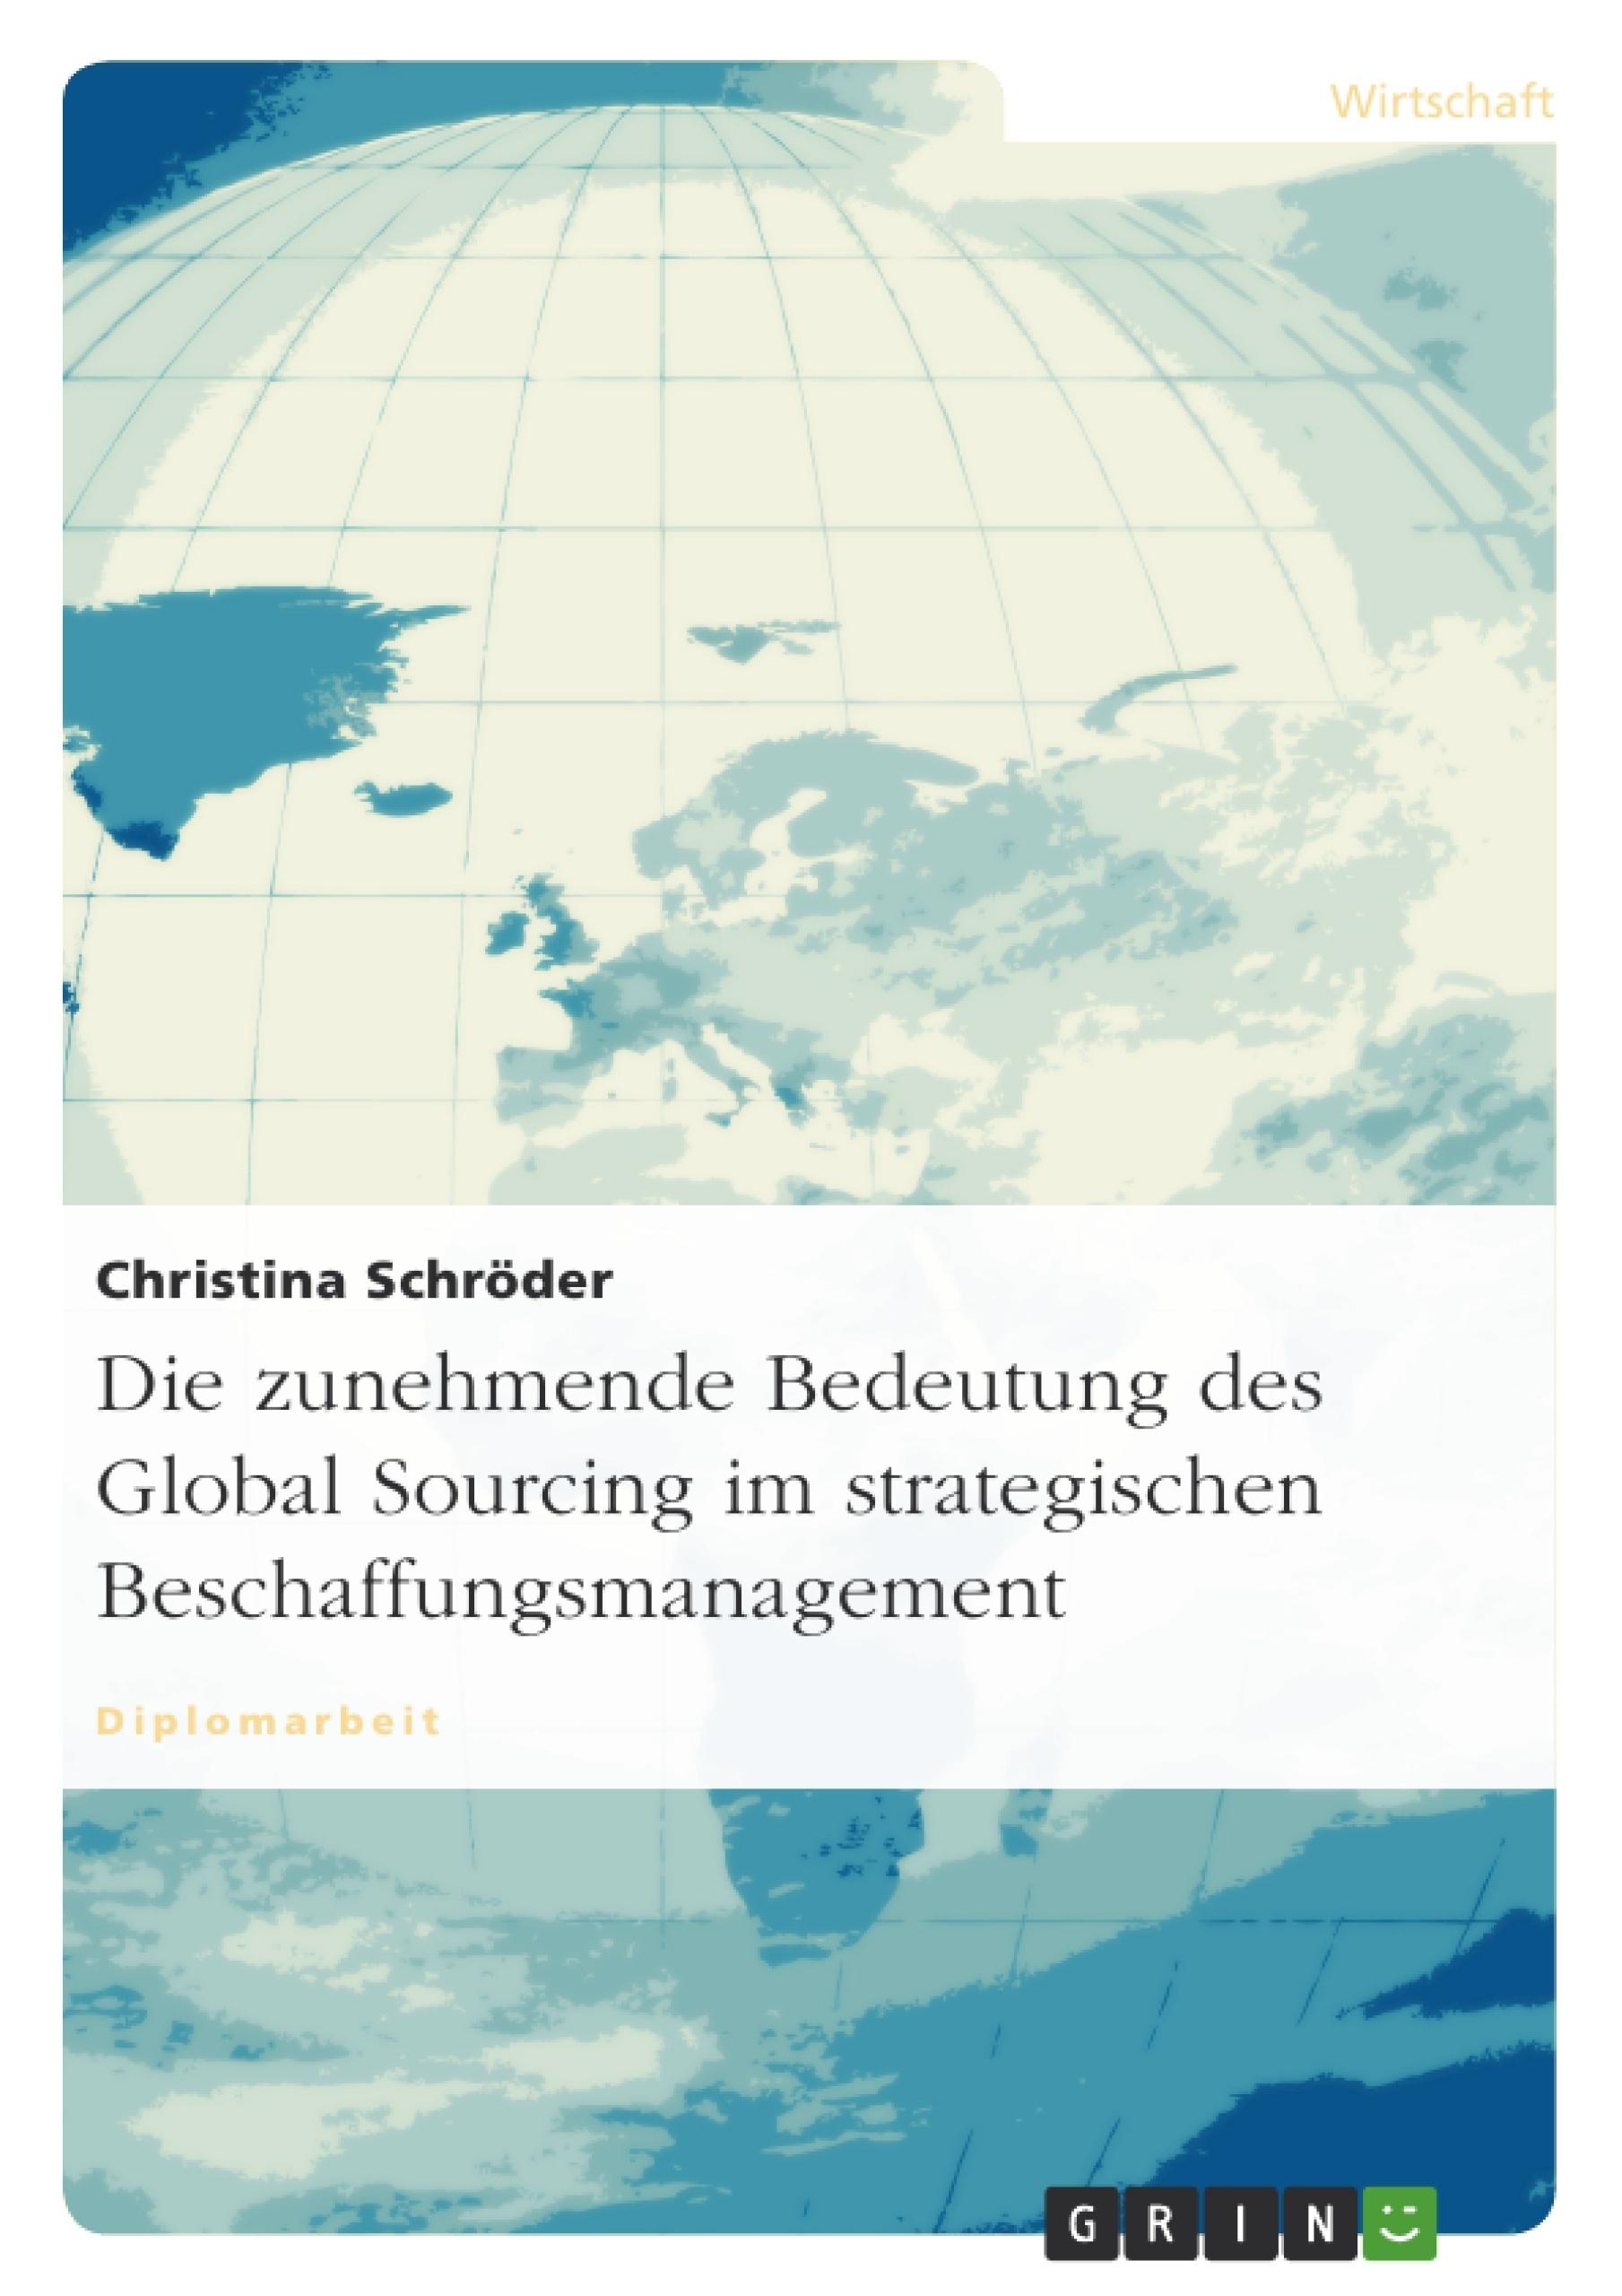 Titel: Die zunehmende Bedeutung des Global Sourcing im strategischen Beschaffungsmanagement